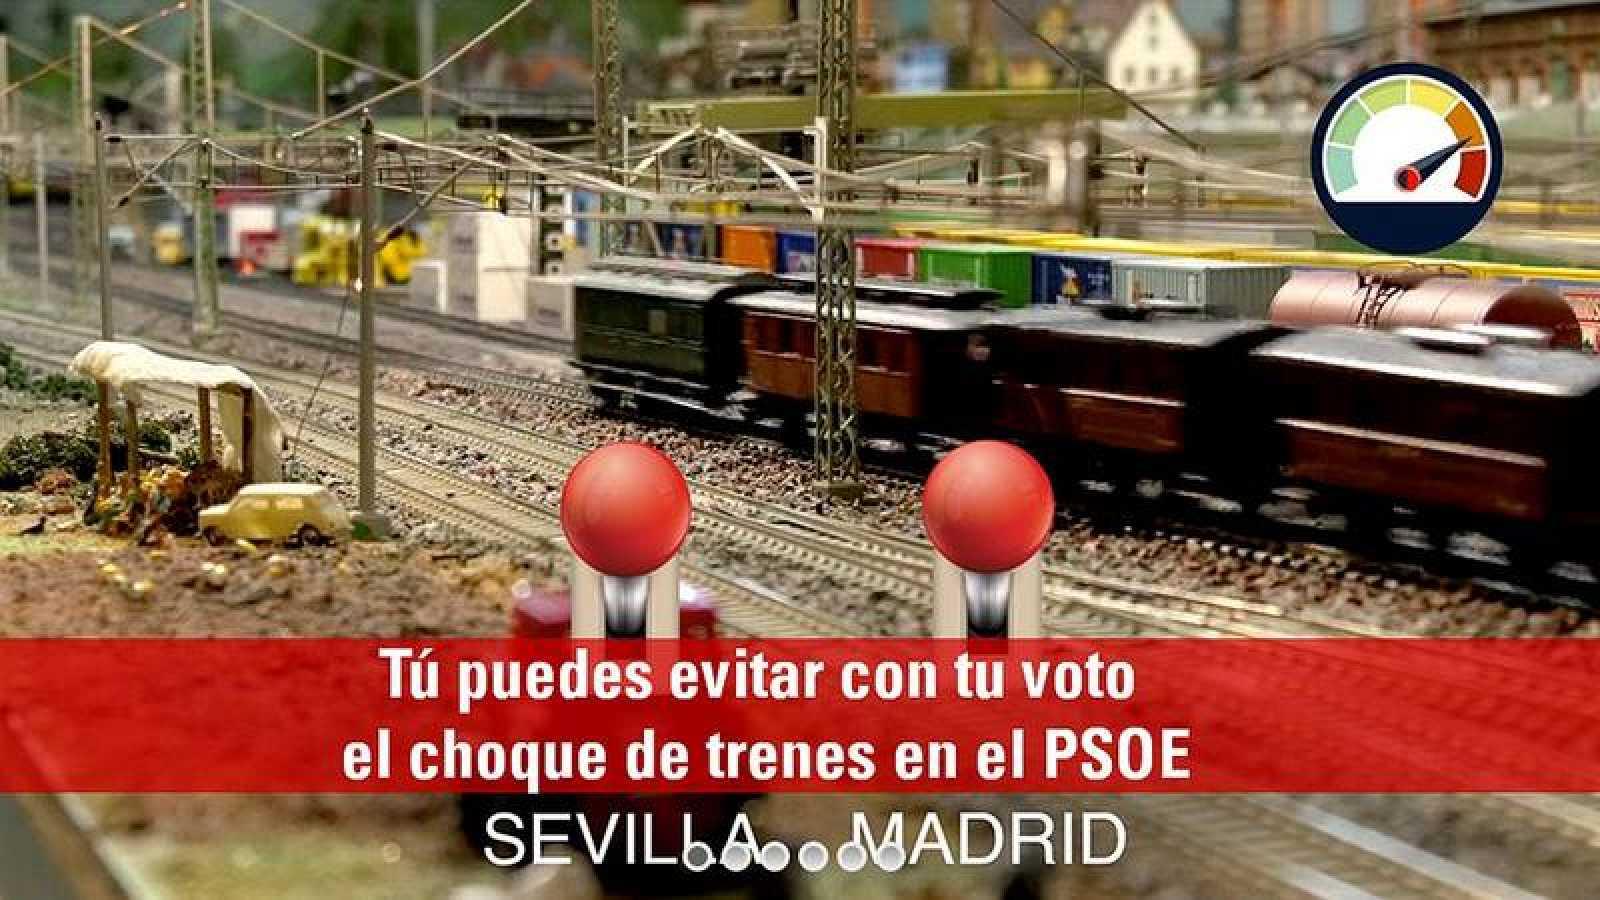 López quiere evitar el choque de trenes Díaz-Sánchez.